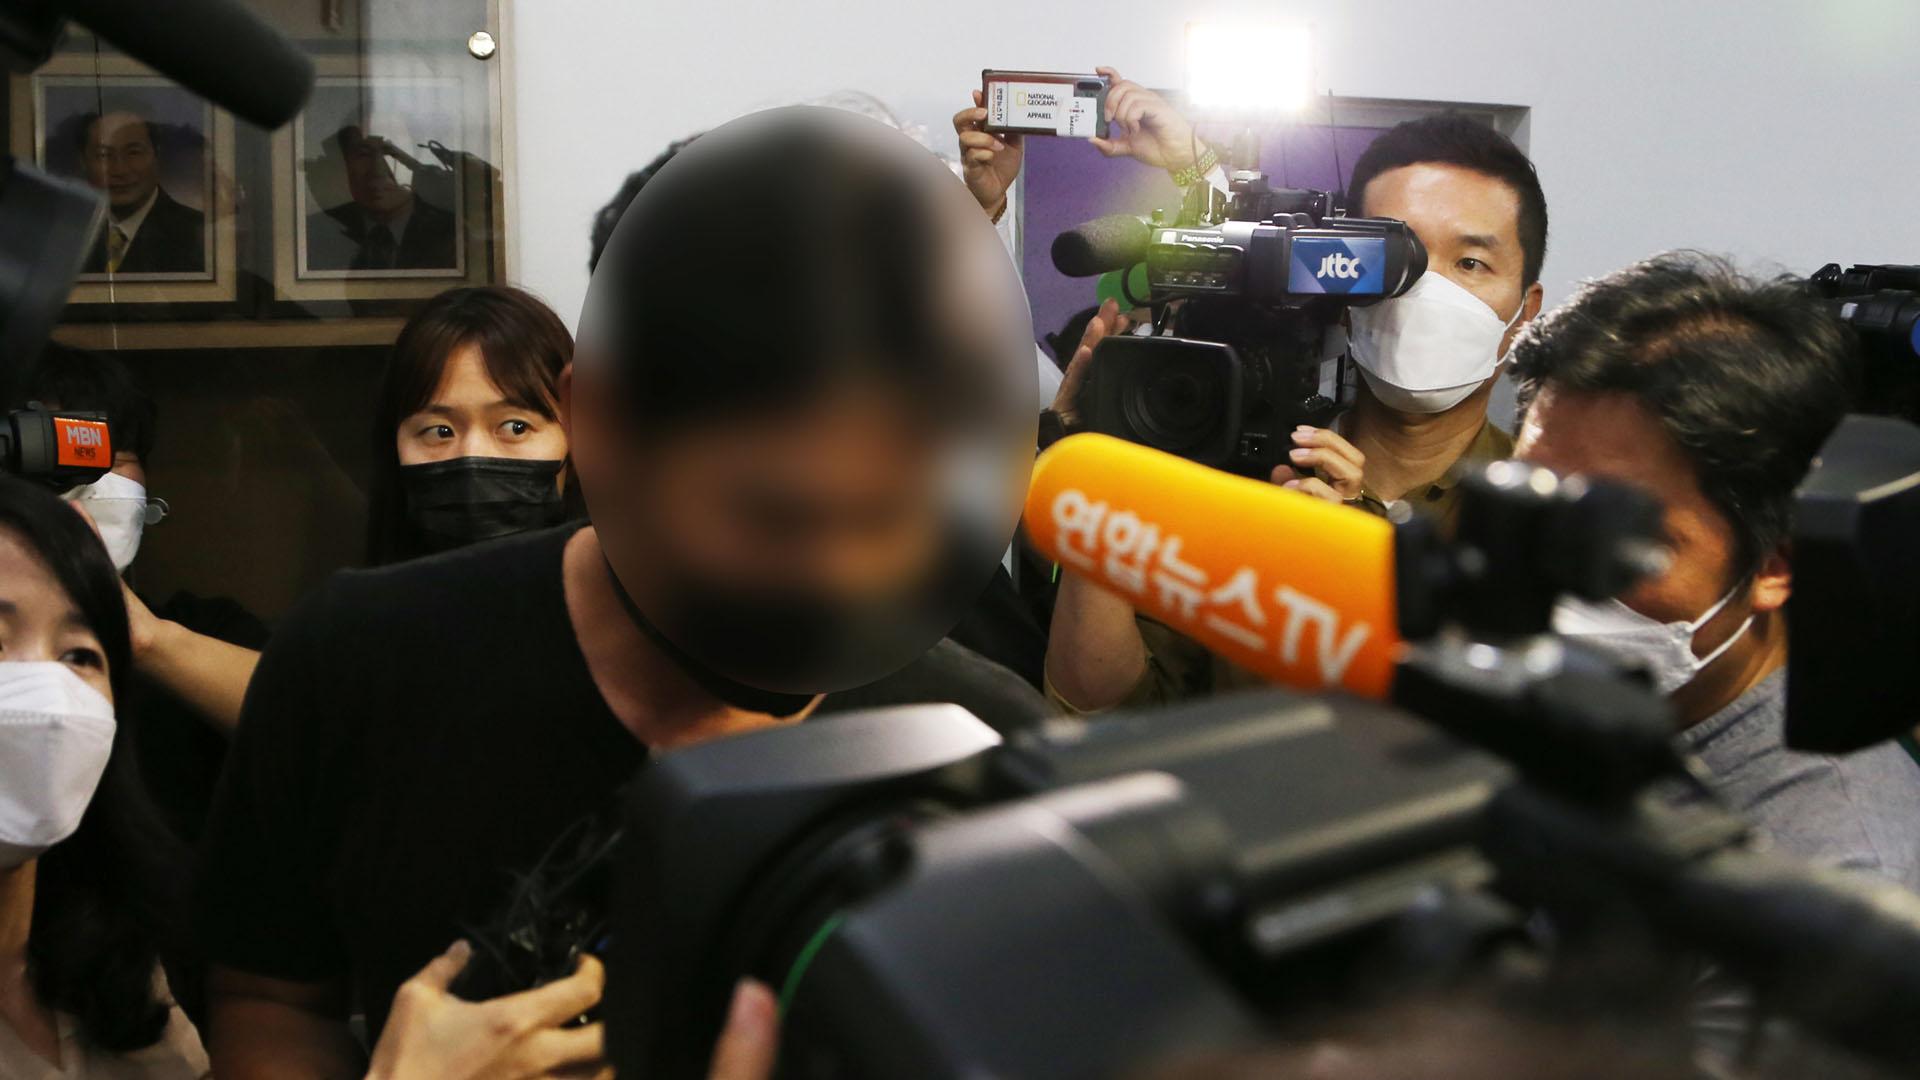 고 최숙현 선수 폭행 의혹 감독 직무정지…검찰 본격 수사